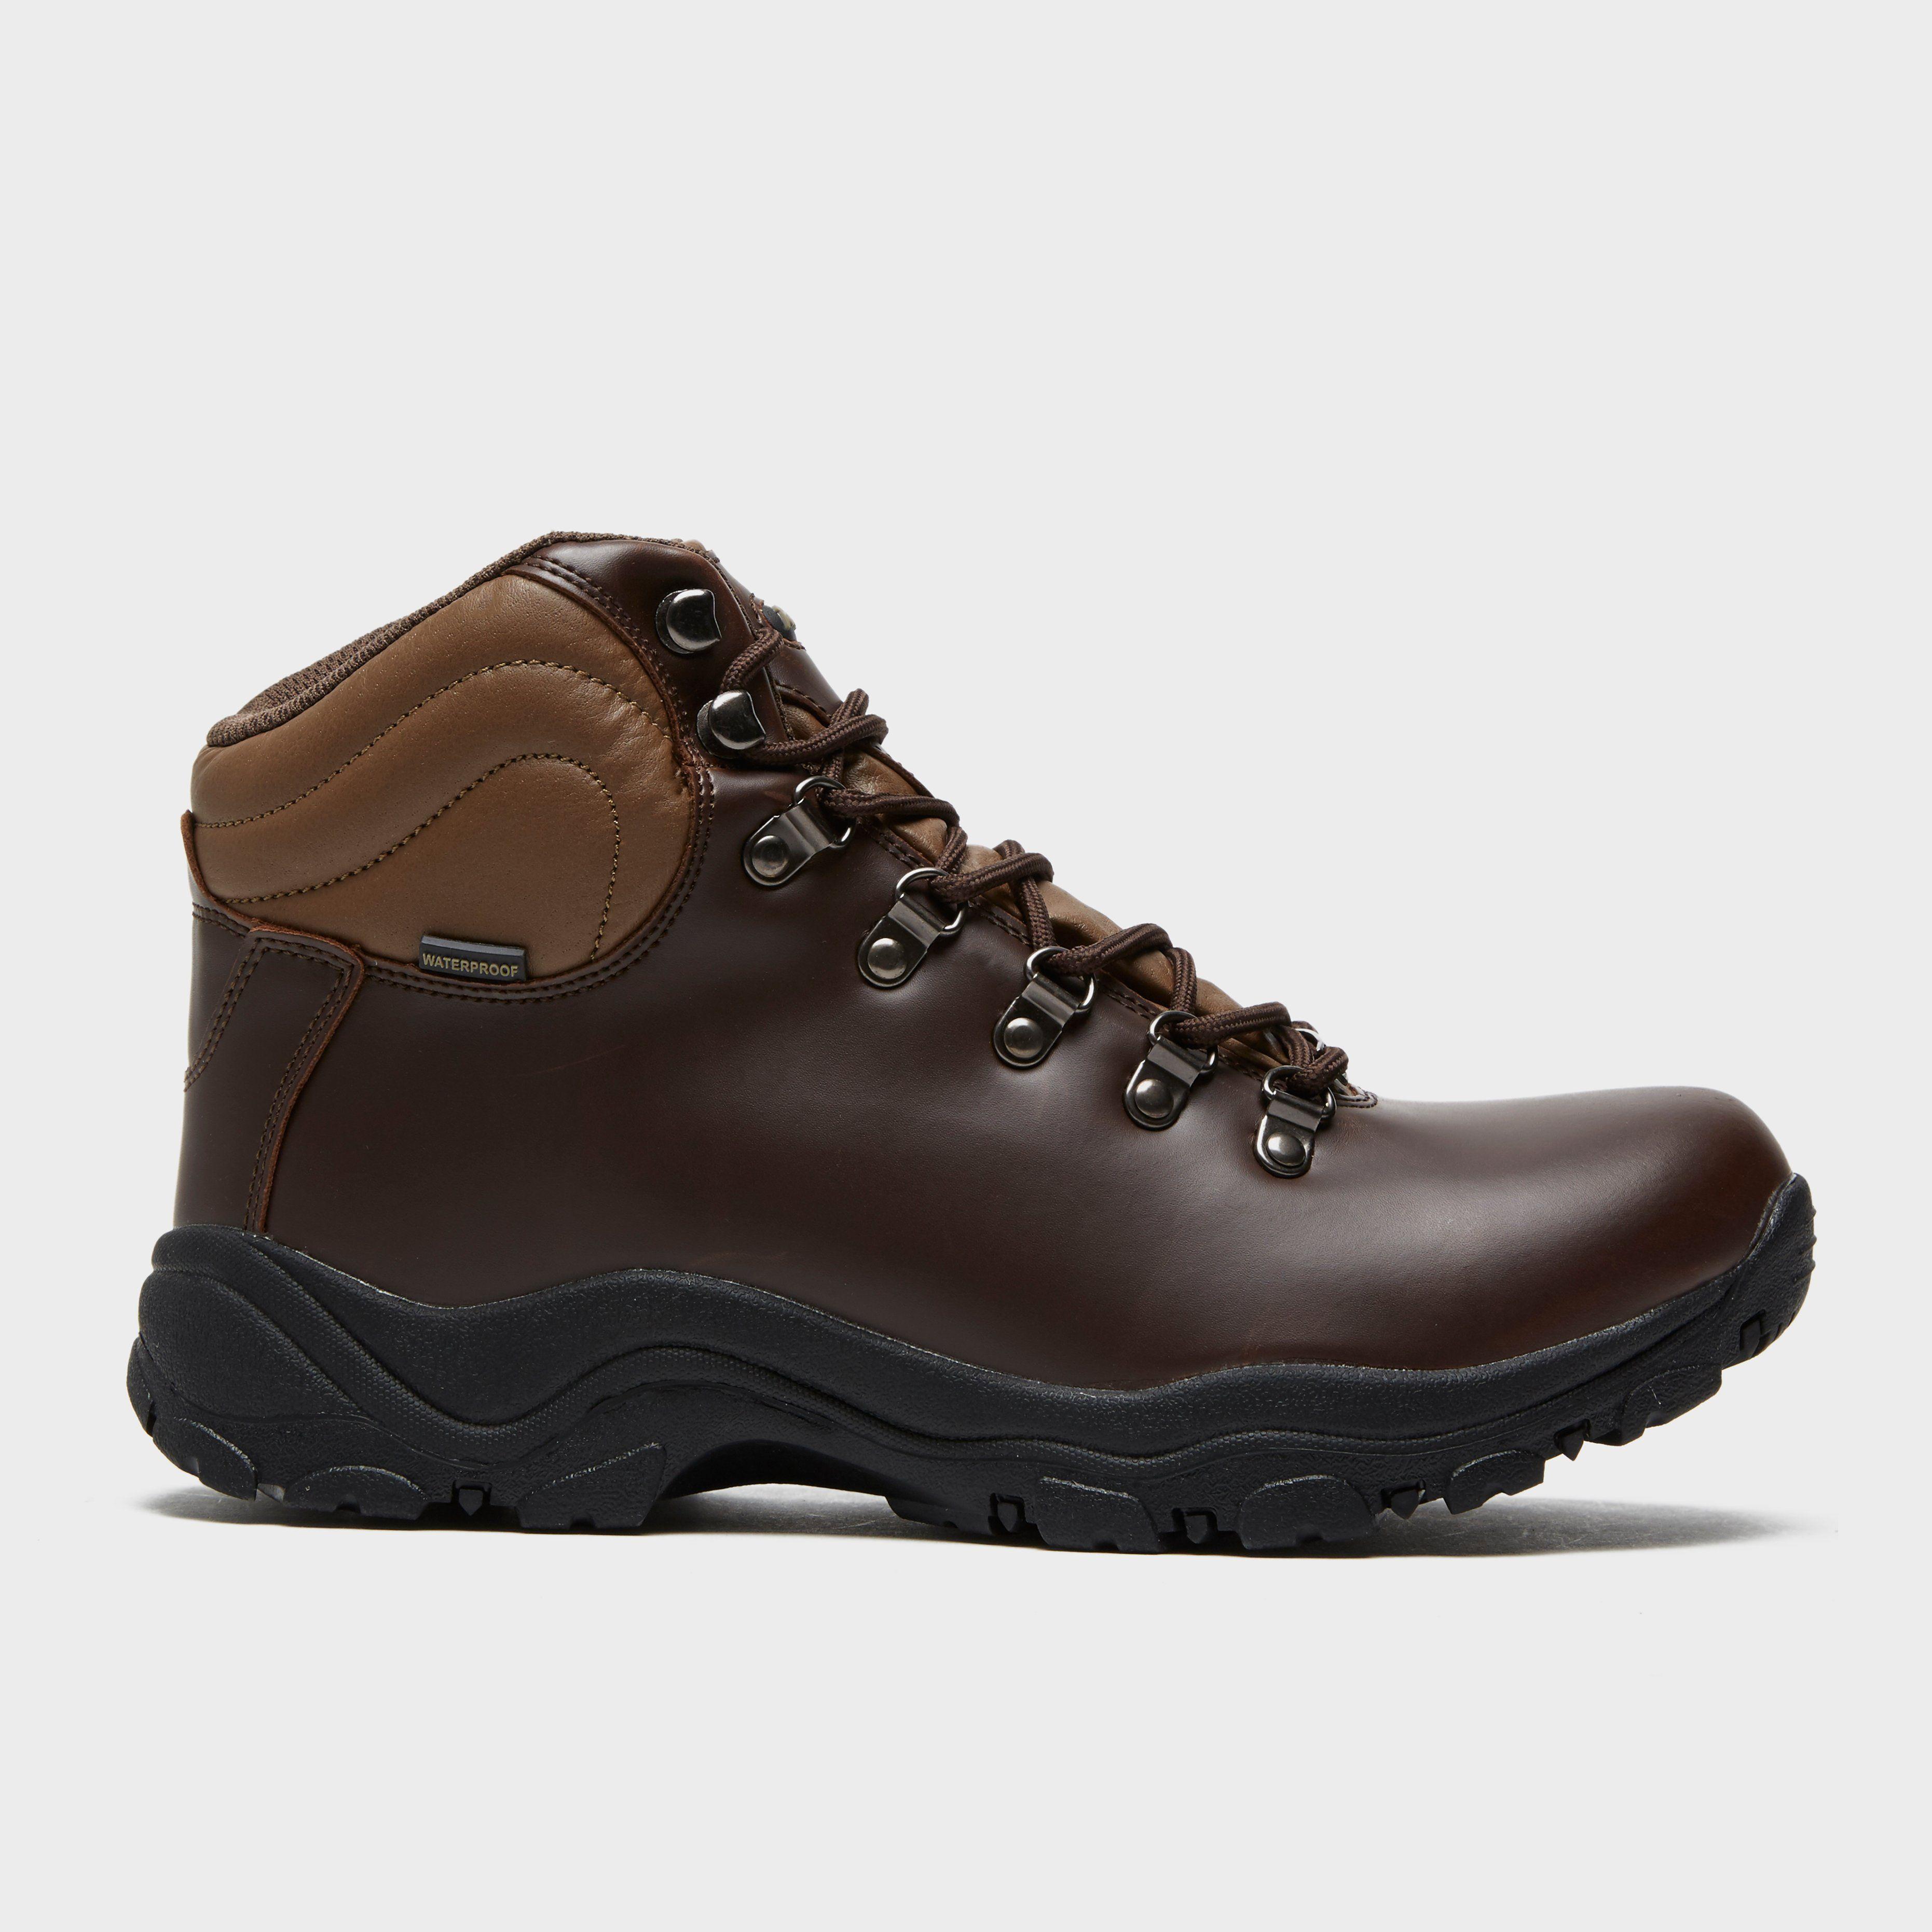 PETER STORM Men's Gower Walking Boot